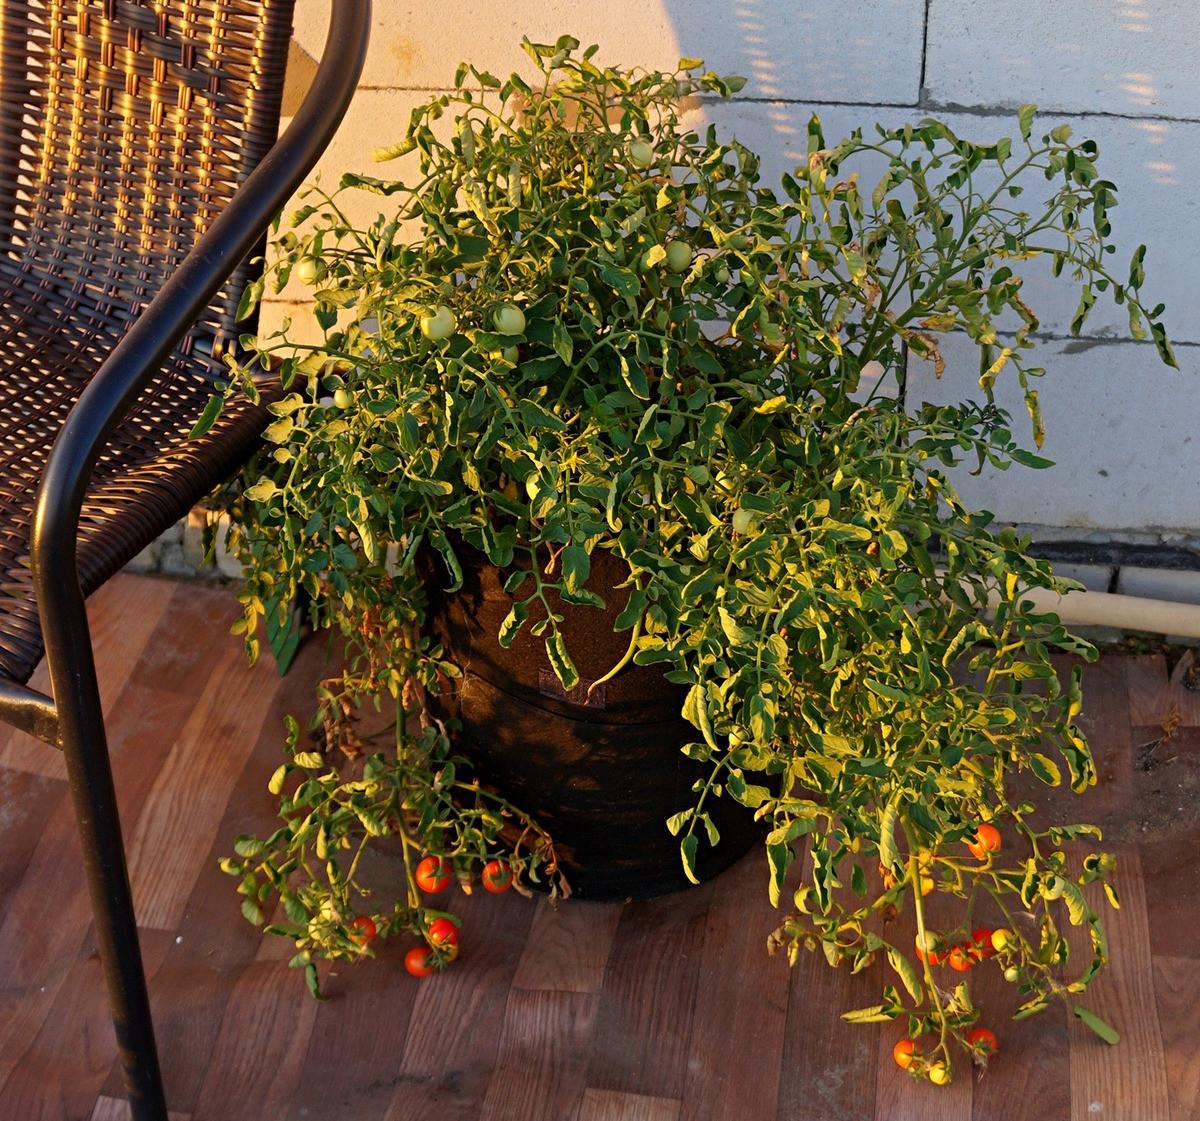 ampelnye-tomaty-foto-opisanie-sortov-lichnyj-opyt-vyrashhivaniya-5